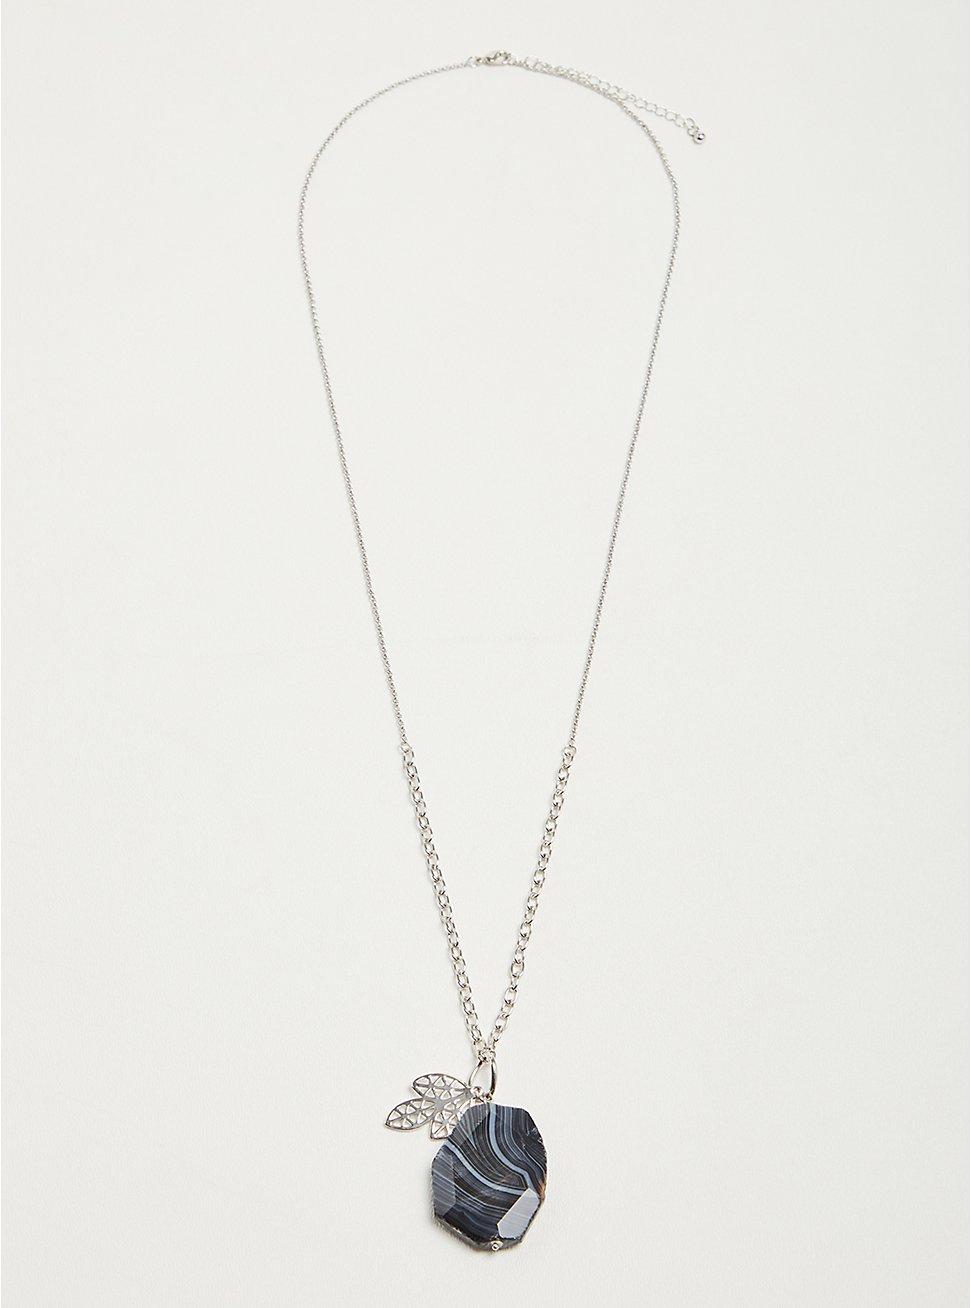 Plus Size Pendant Necklace with Black Faux Stone - Silver Tone, , hi-res